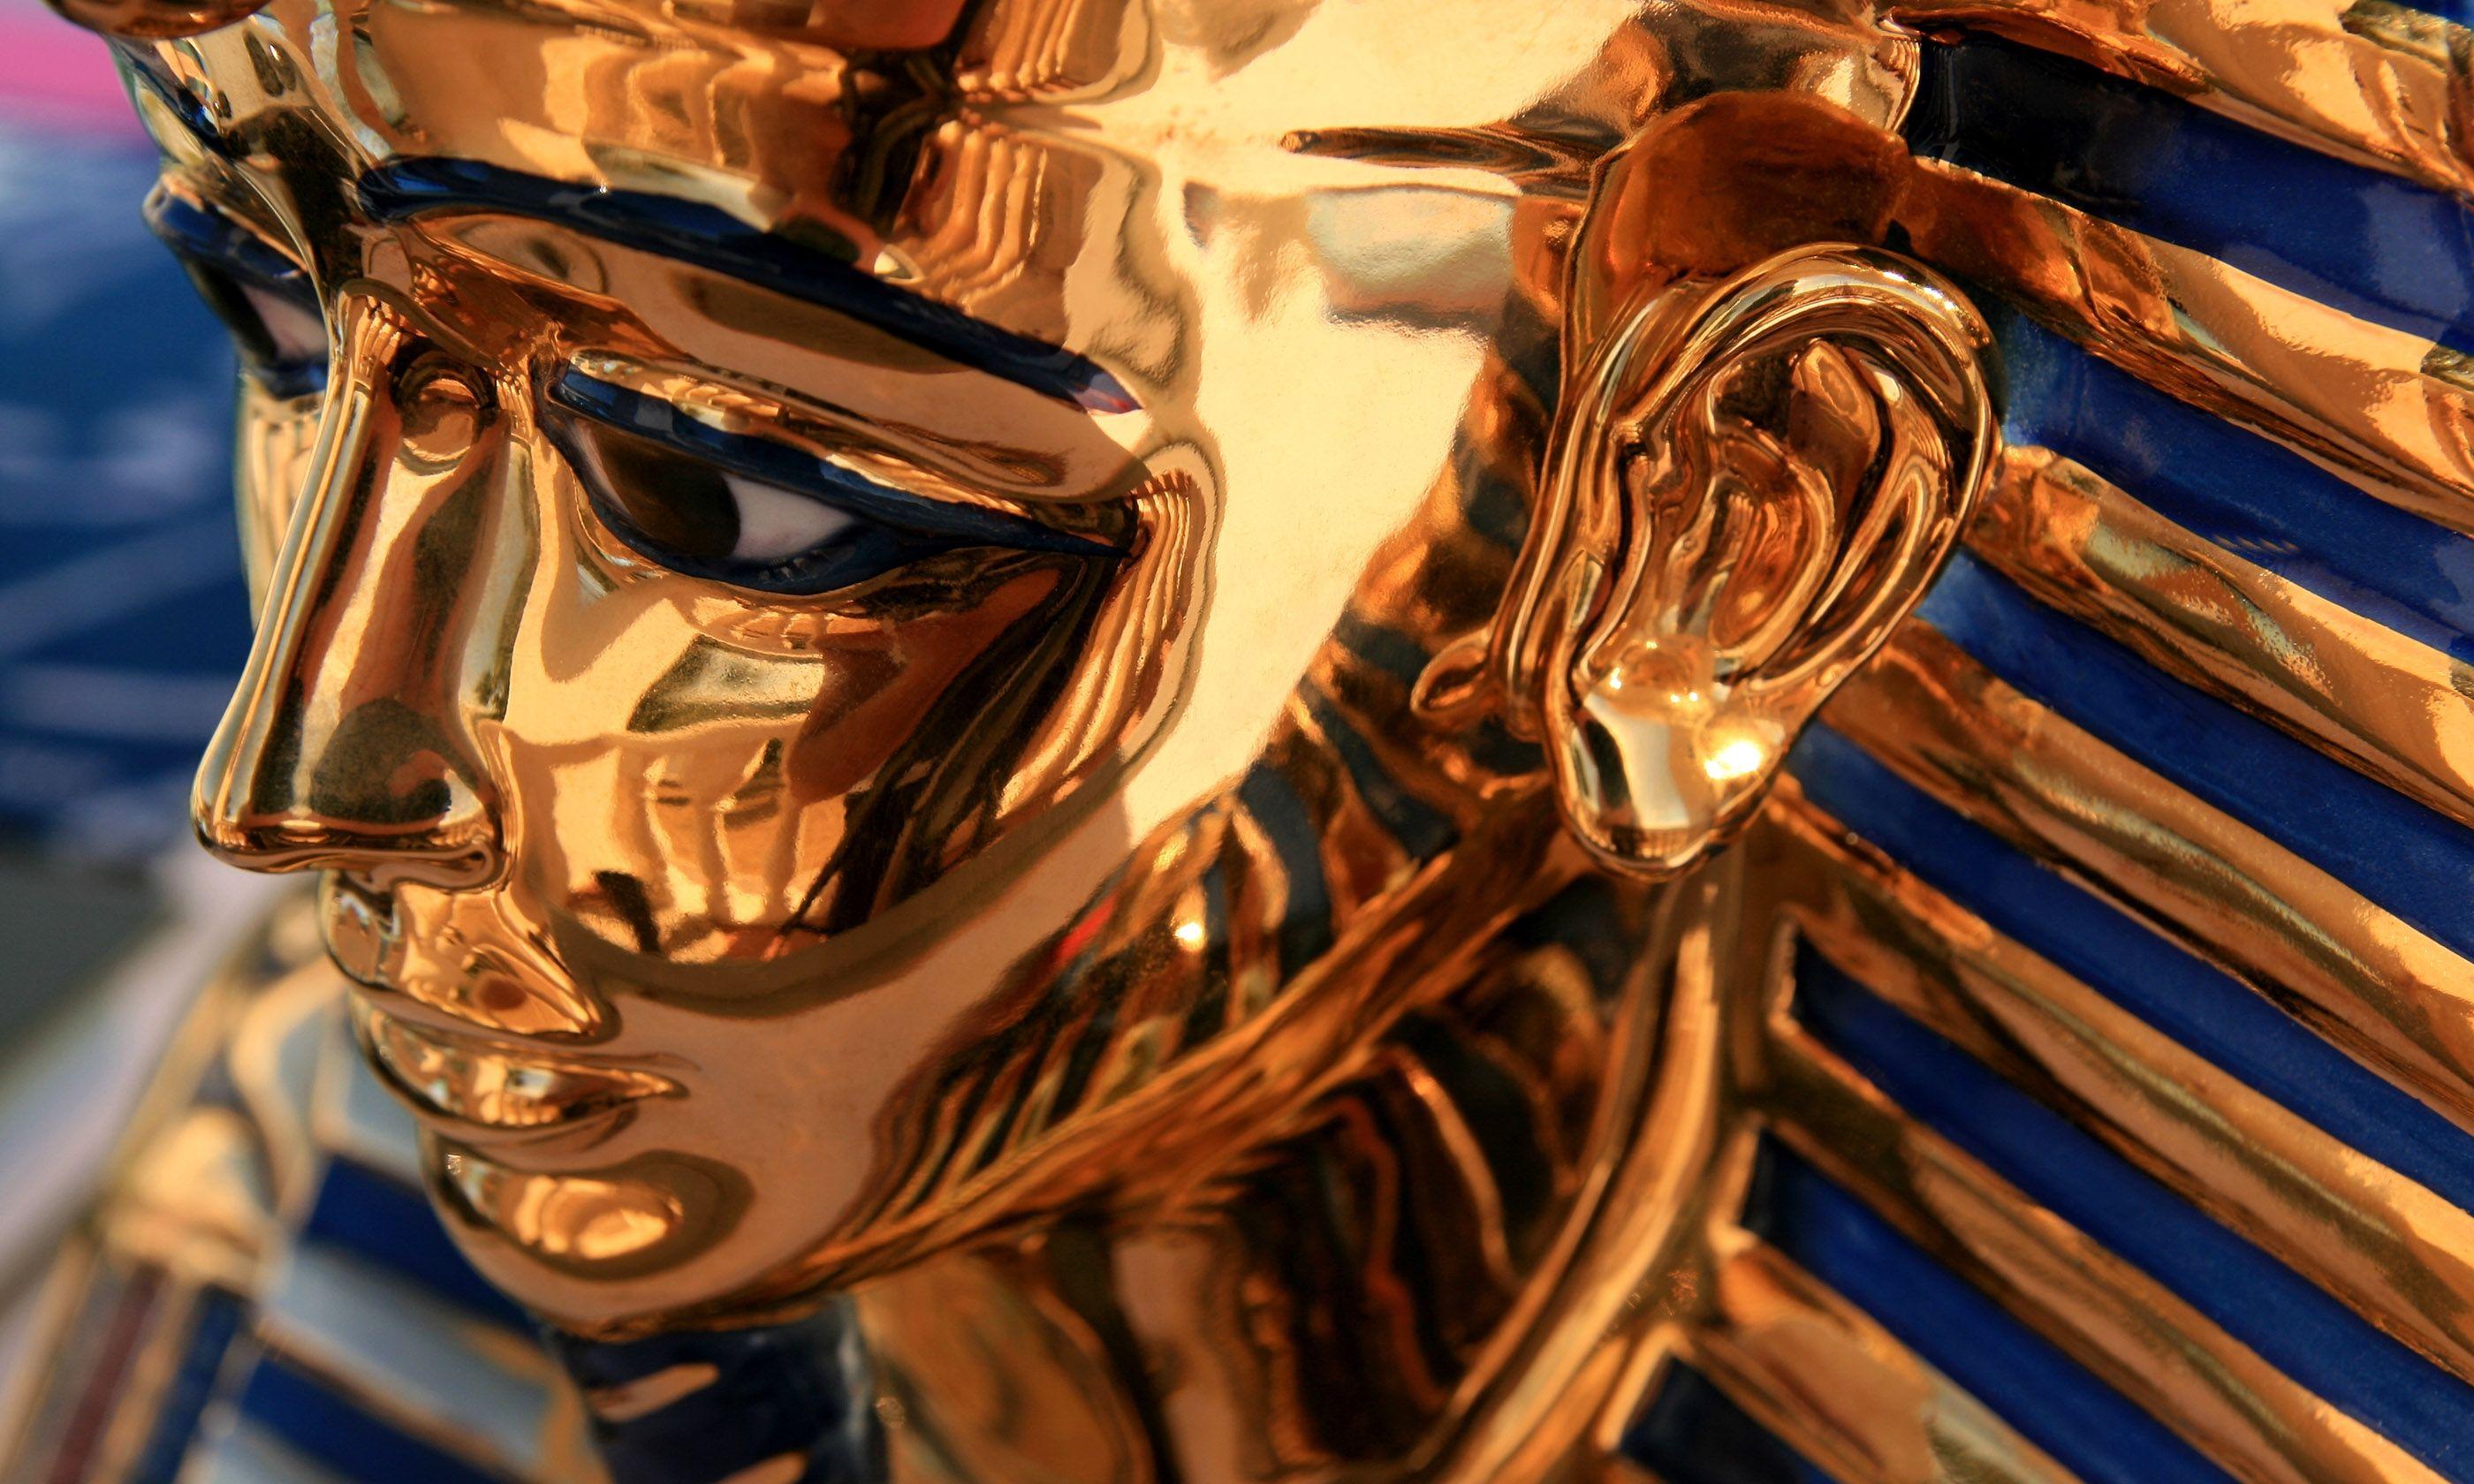 Pharaoh sculpture (Shutterstock.com)